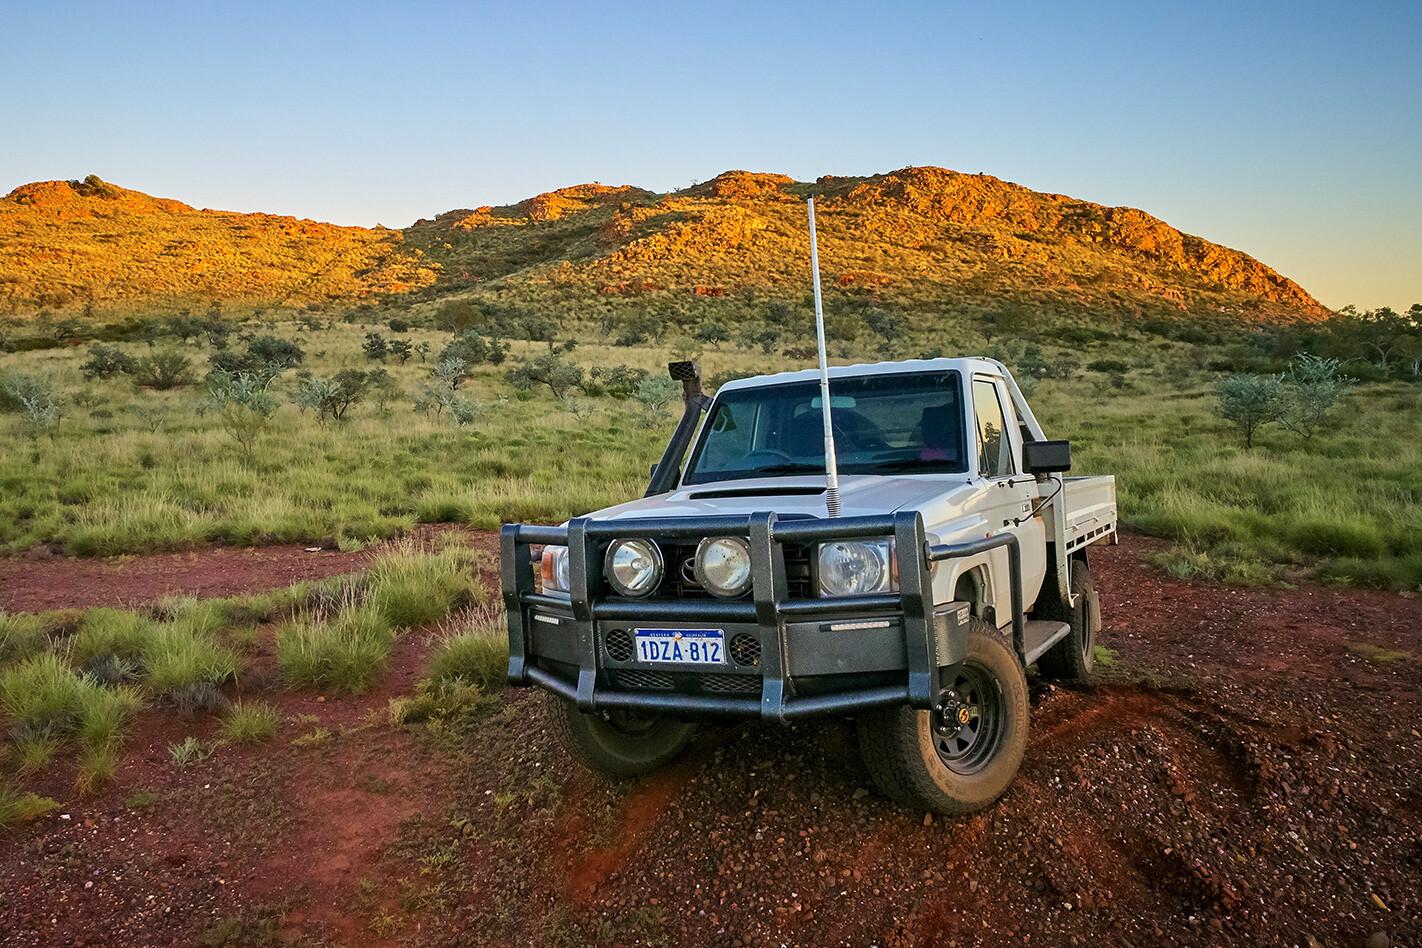 Land Cruiser in Pilbara, WA